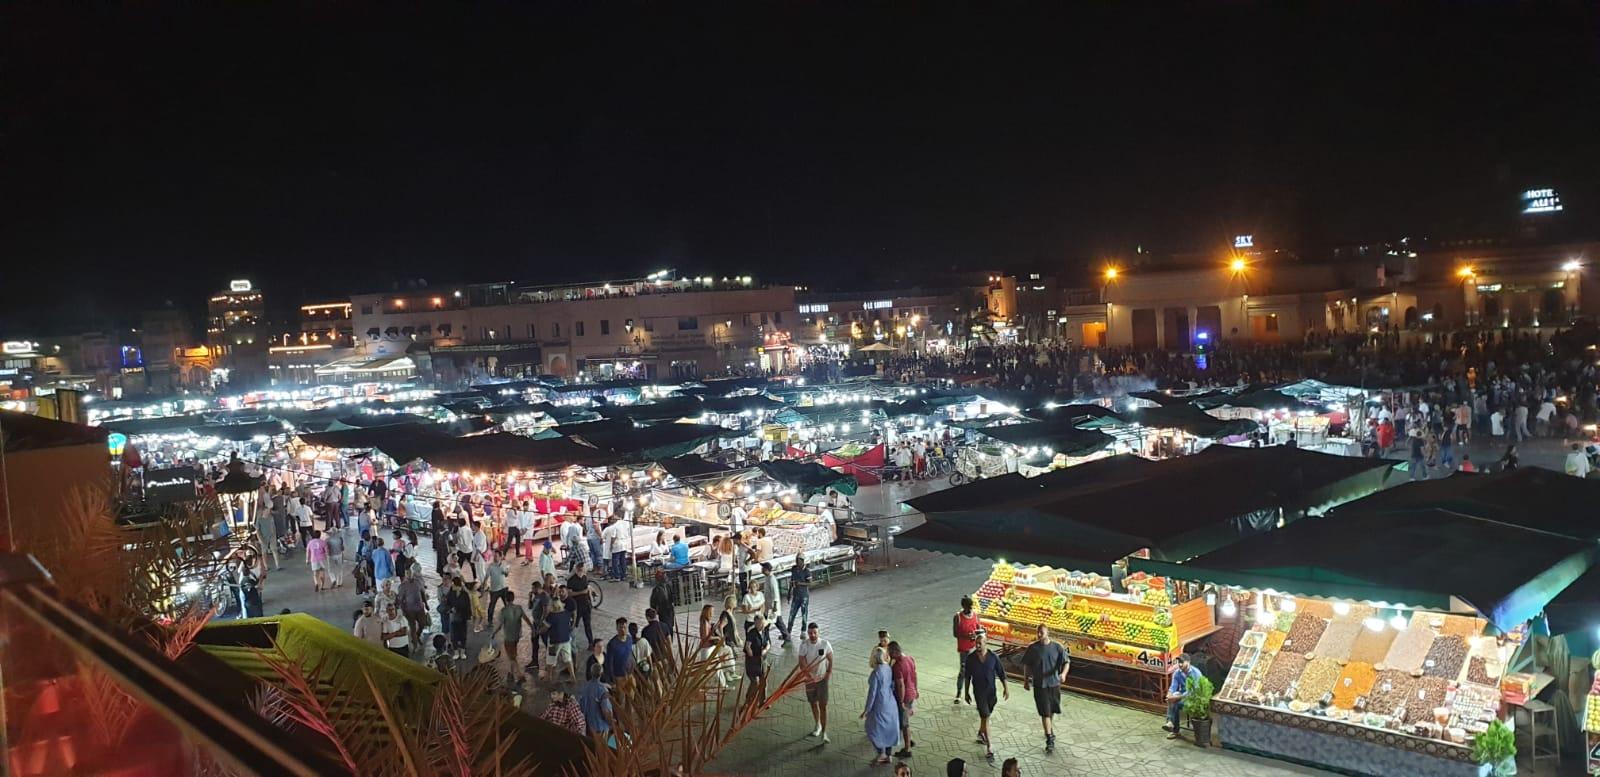 Marrakesh - Piedini in Viaggio in Marocco